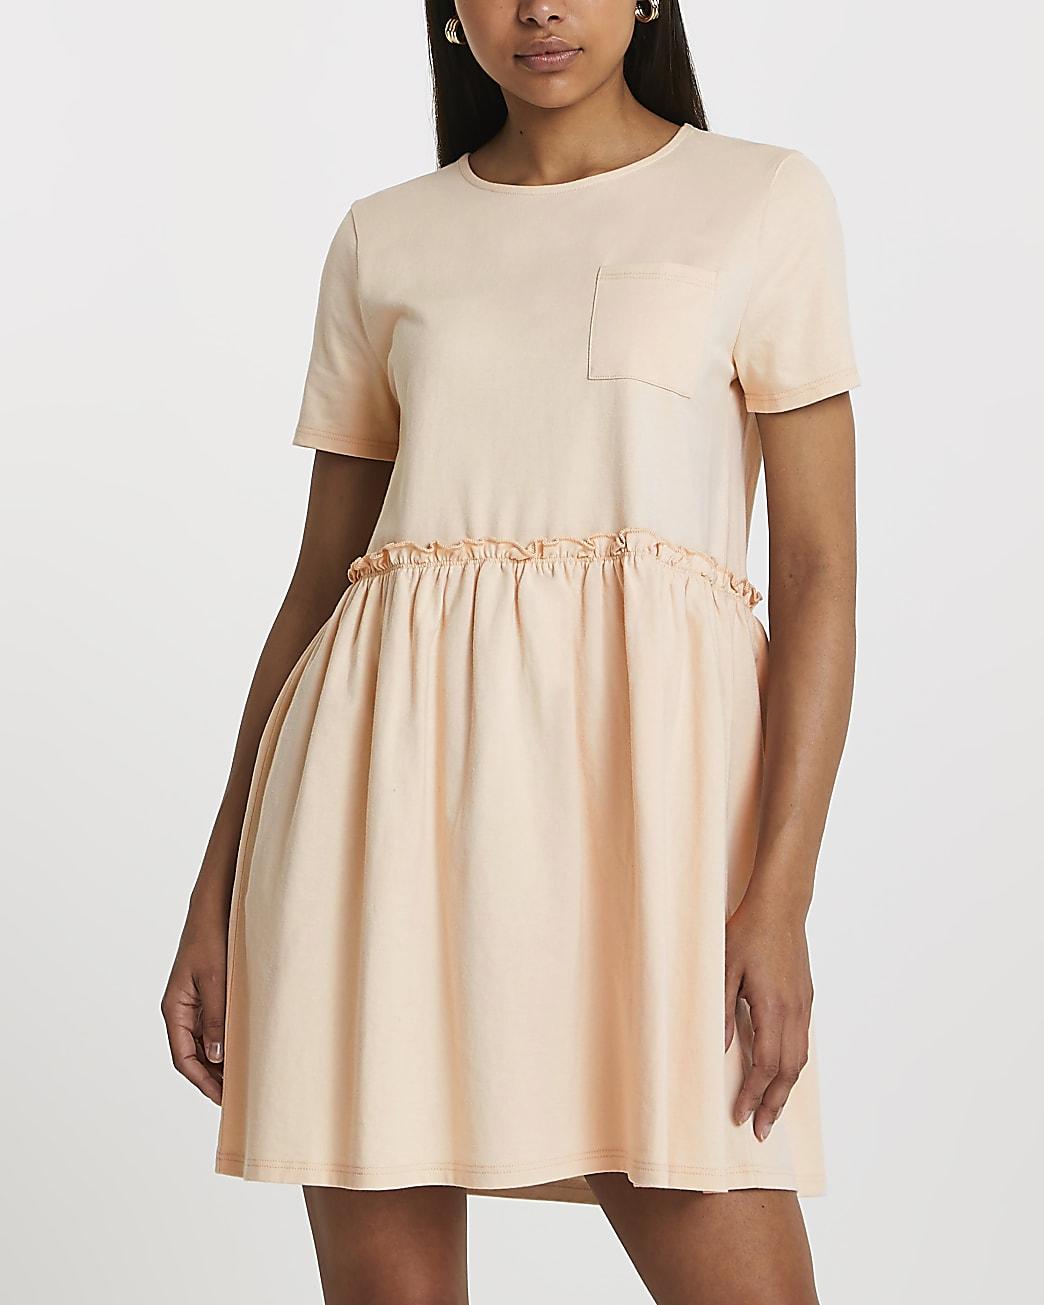 Beige short sleeve pocket t-shirt smock dress